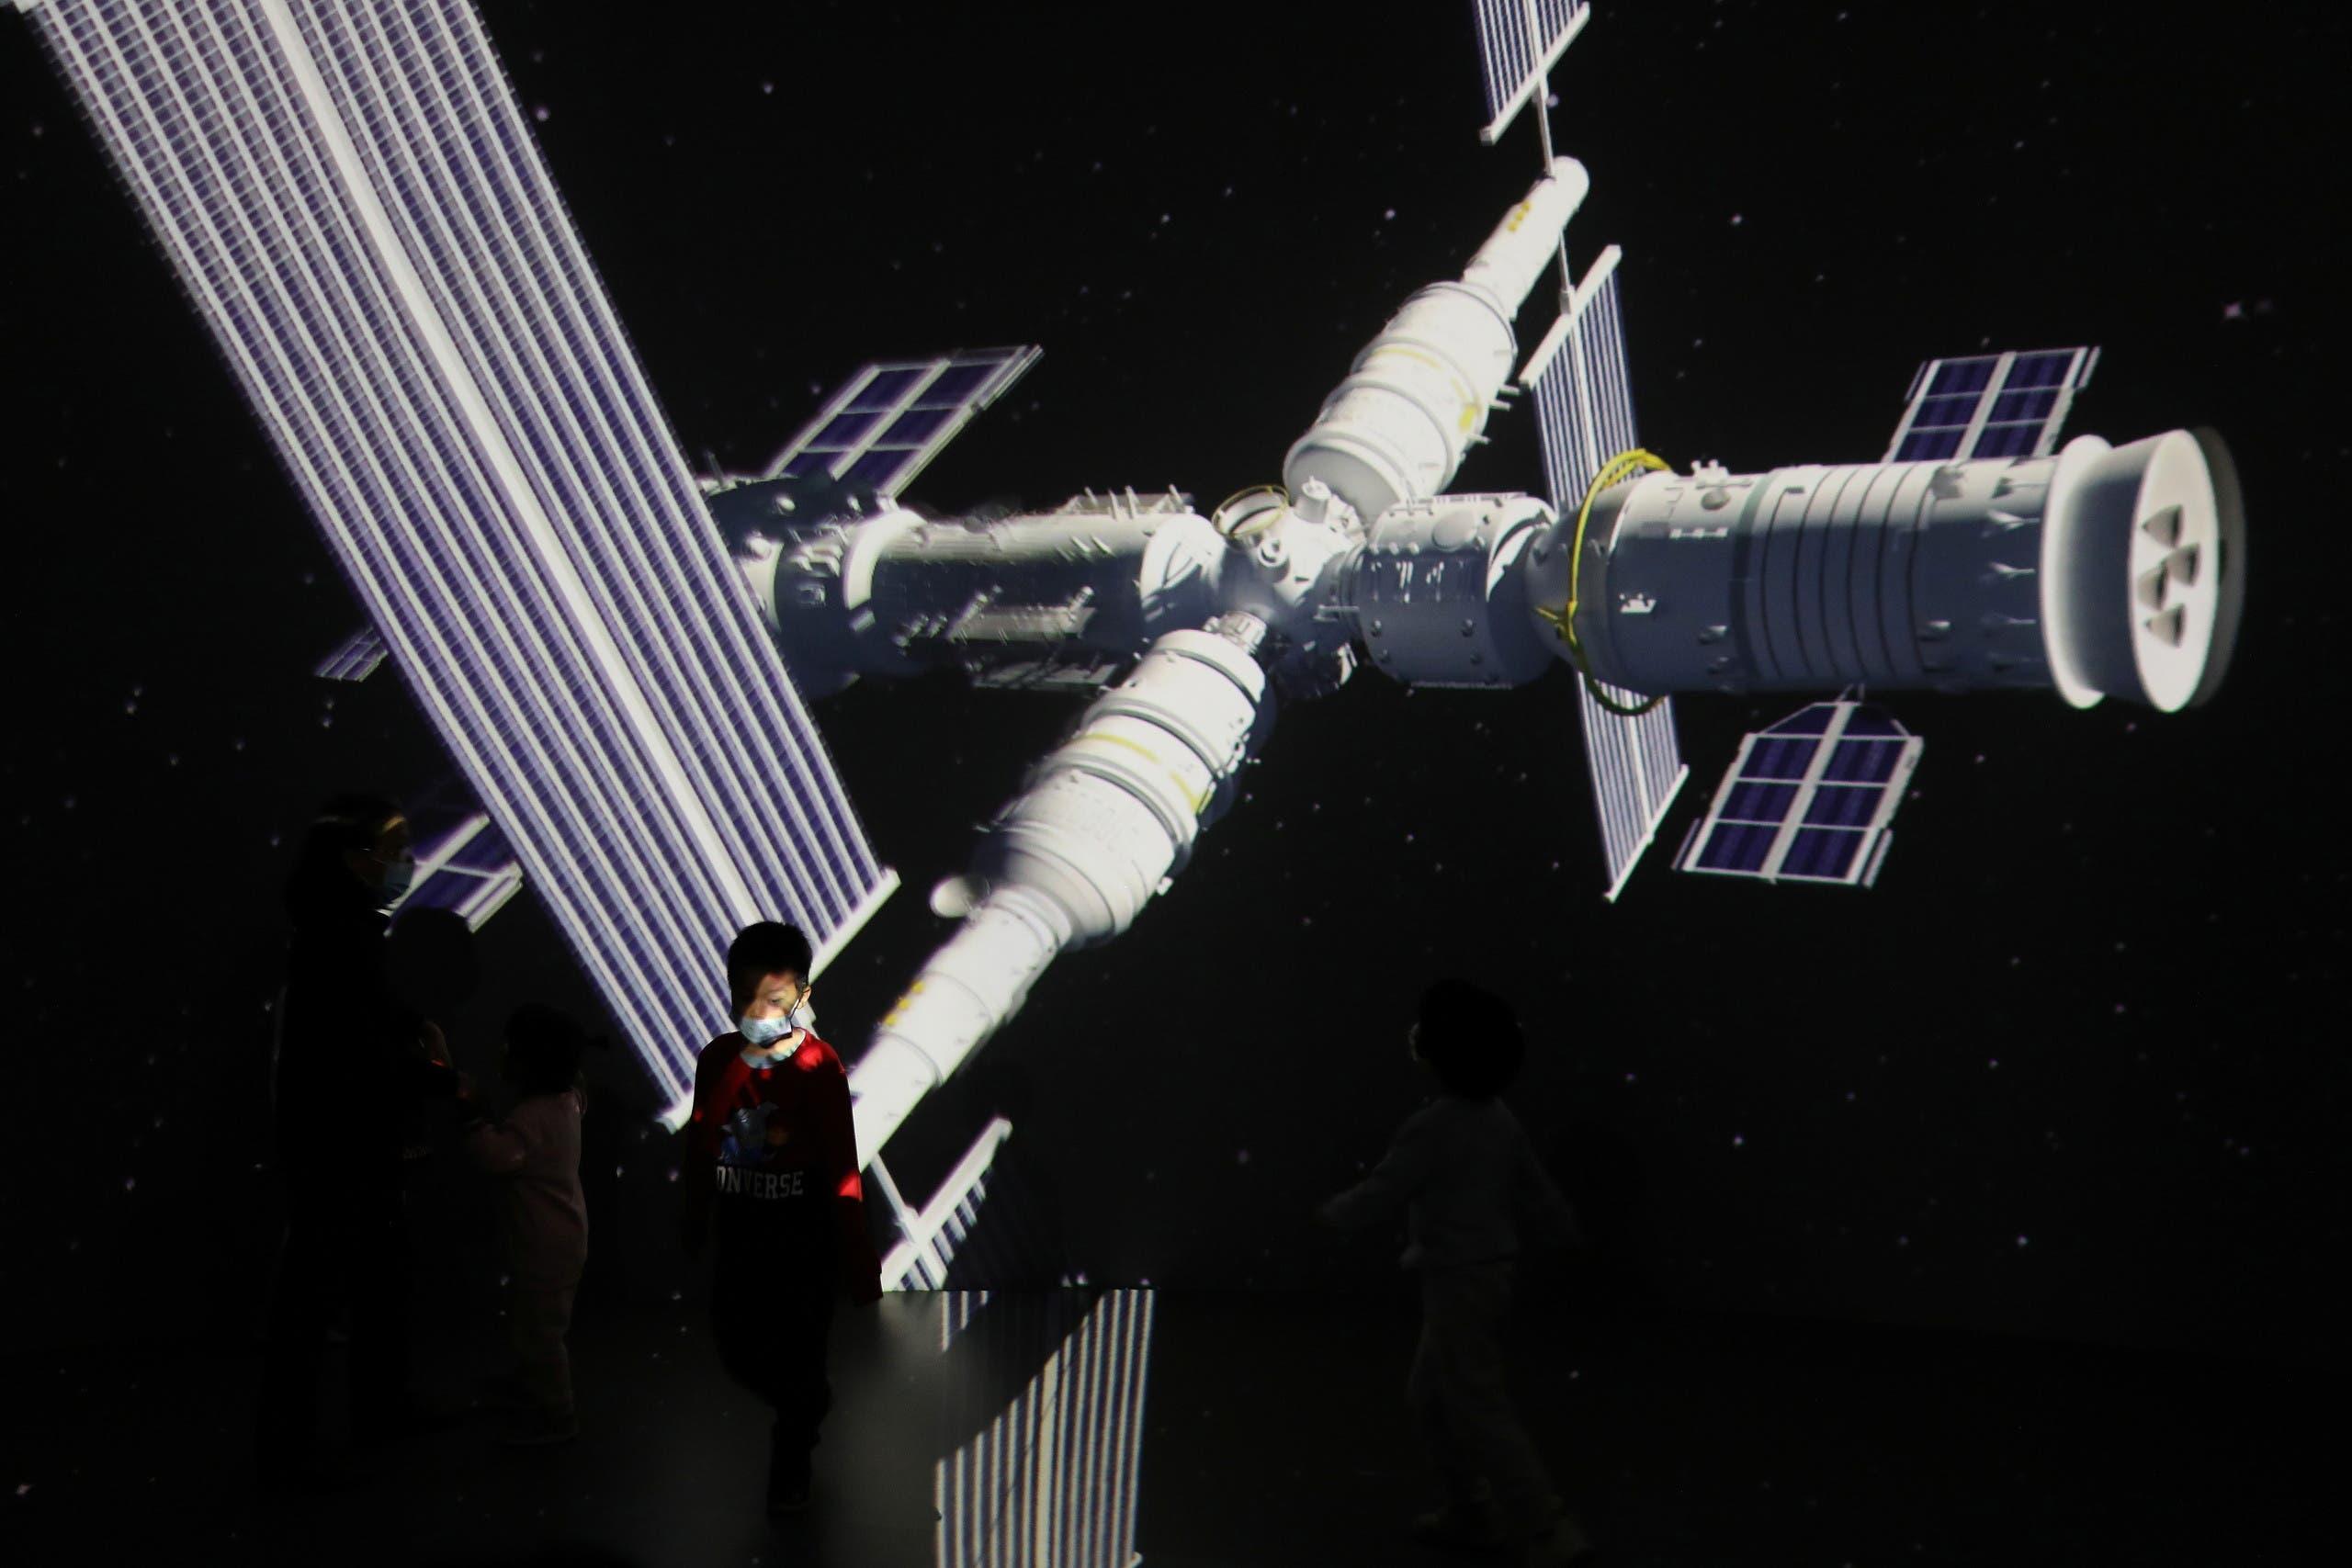 طفل يمشي في معرض في بكين امام صورة عملاقة لمحطة الفضاء الصينية